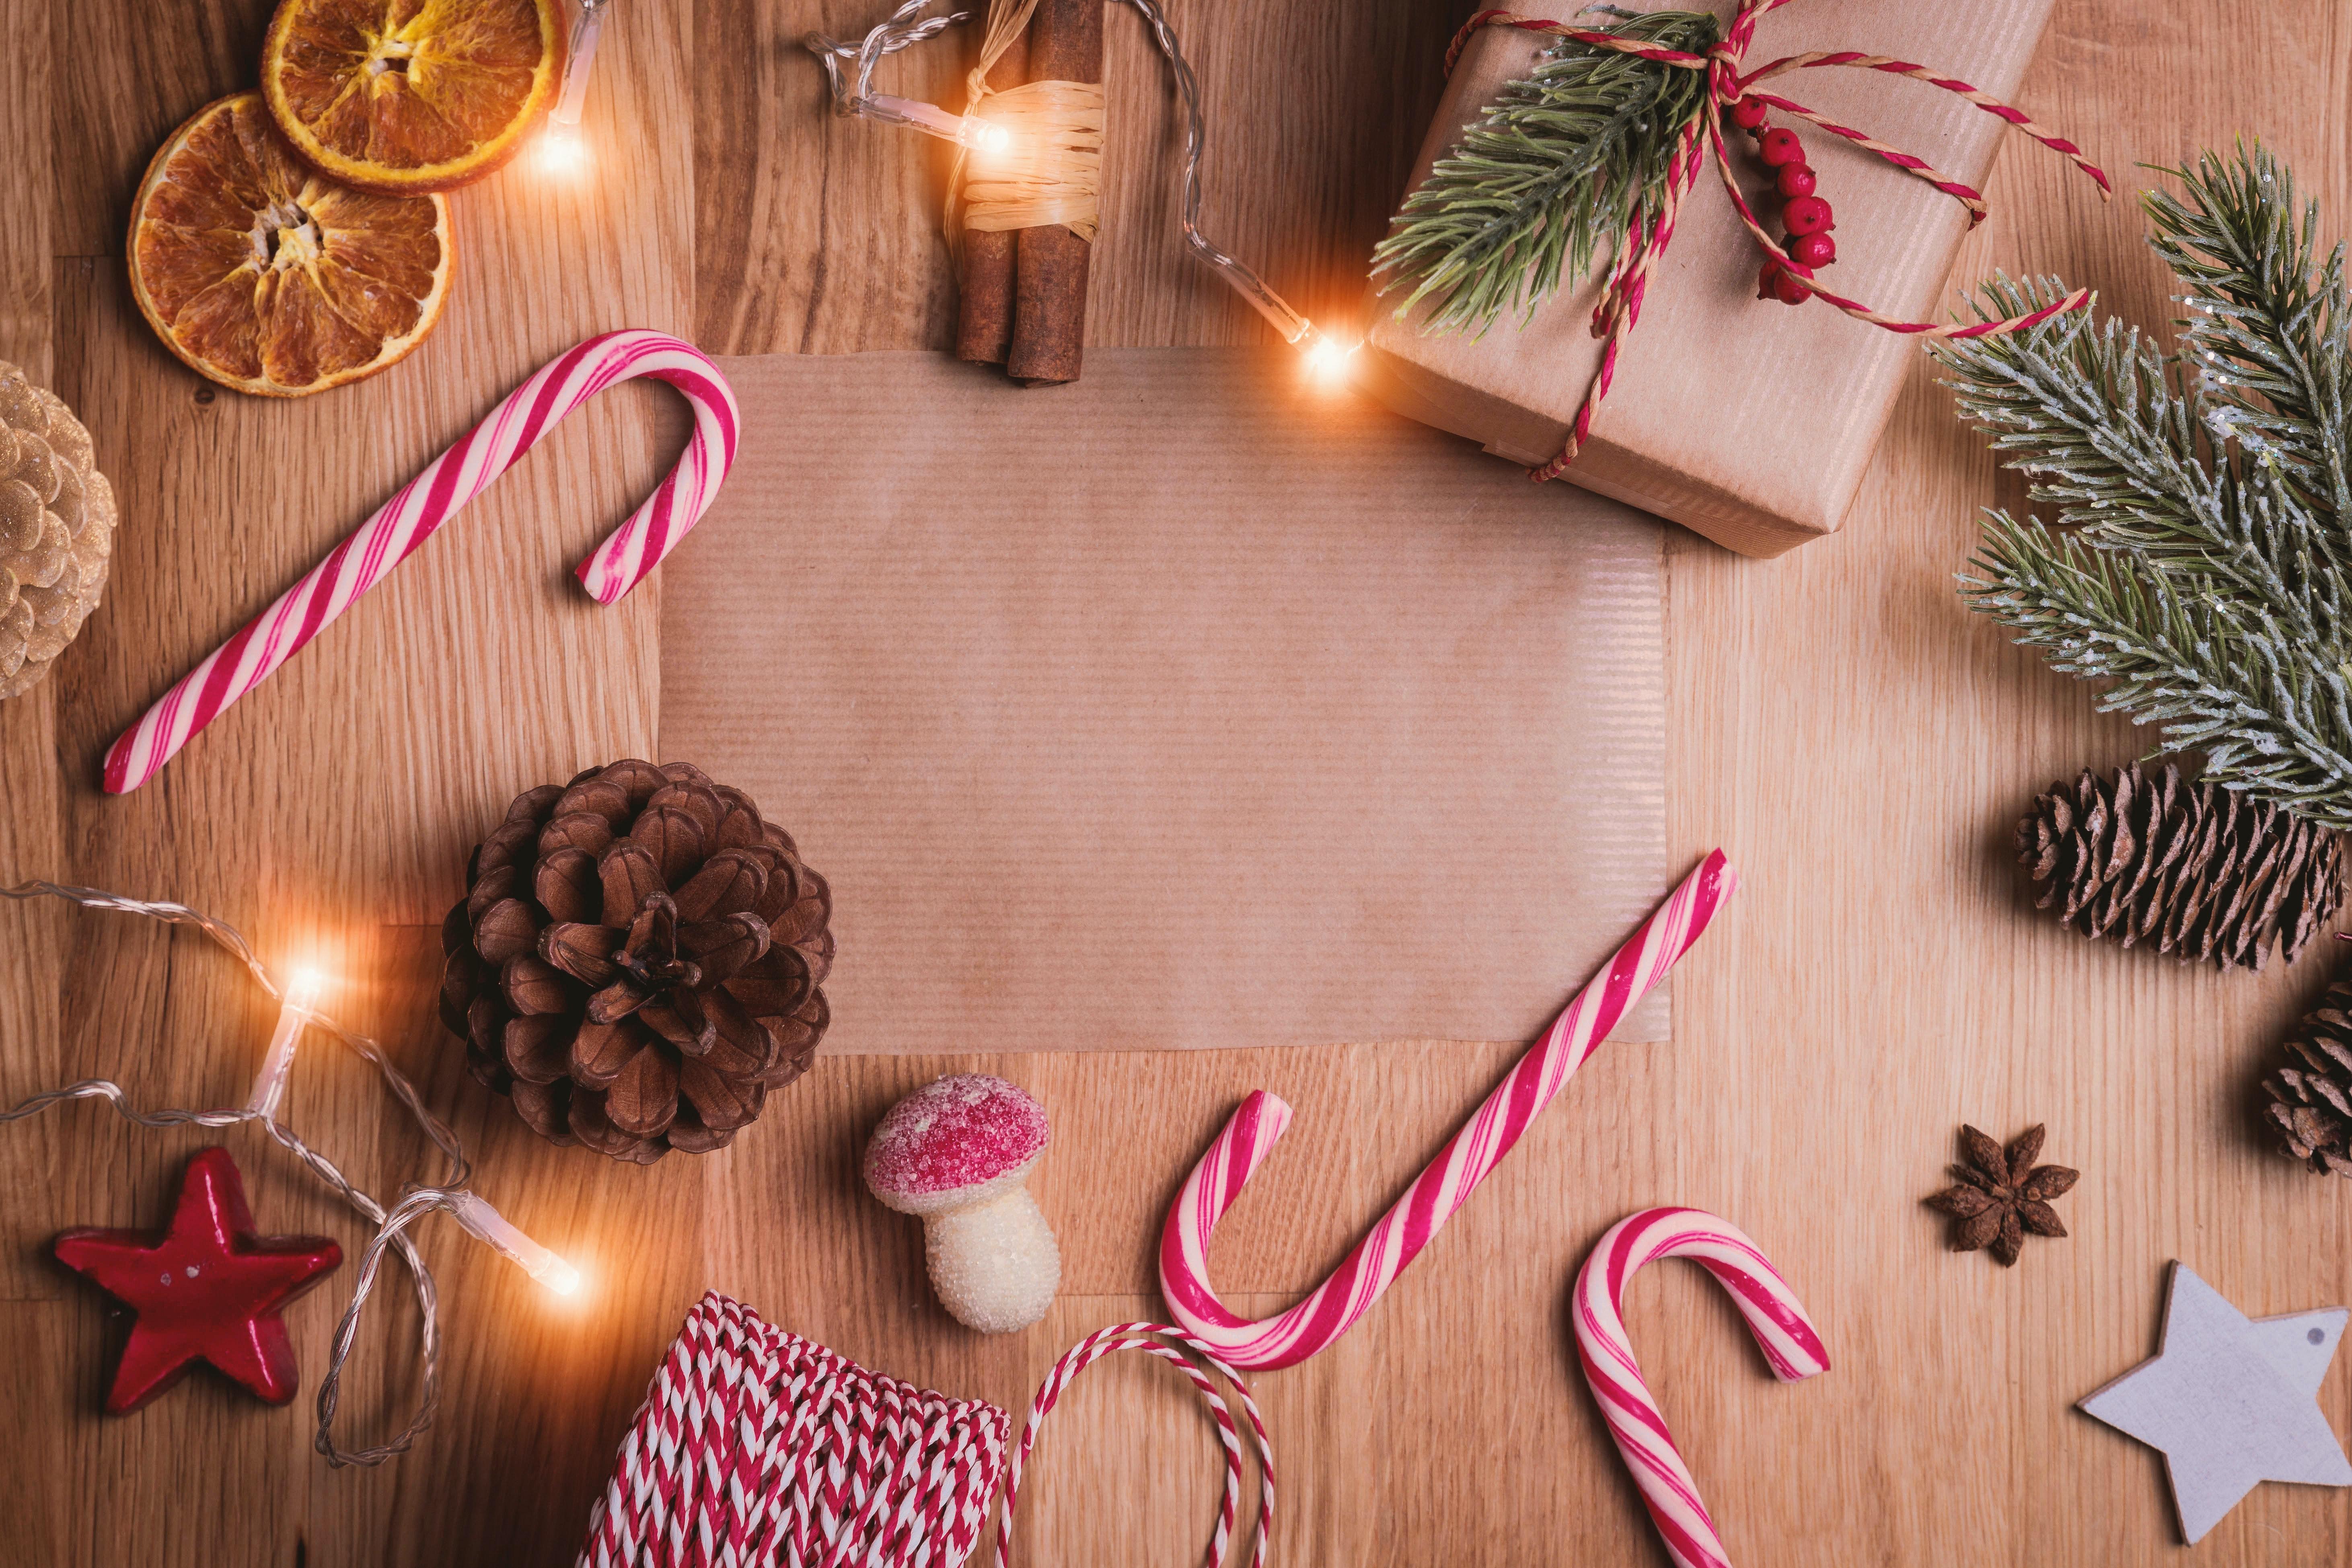 Inspiration pour le Père Noël : idées-cadeaux zéro déchet